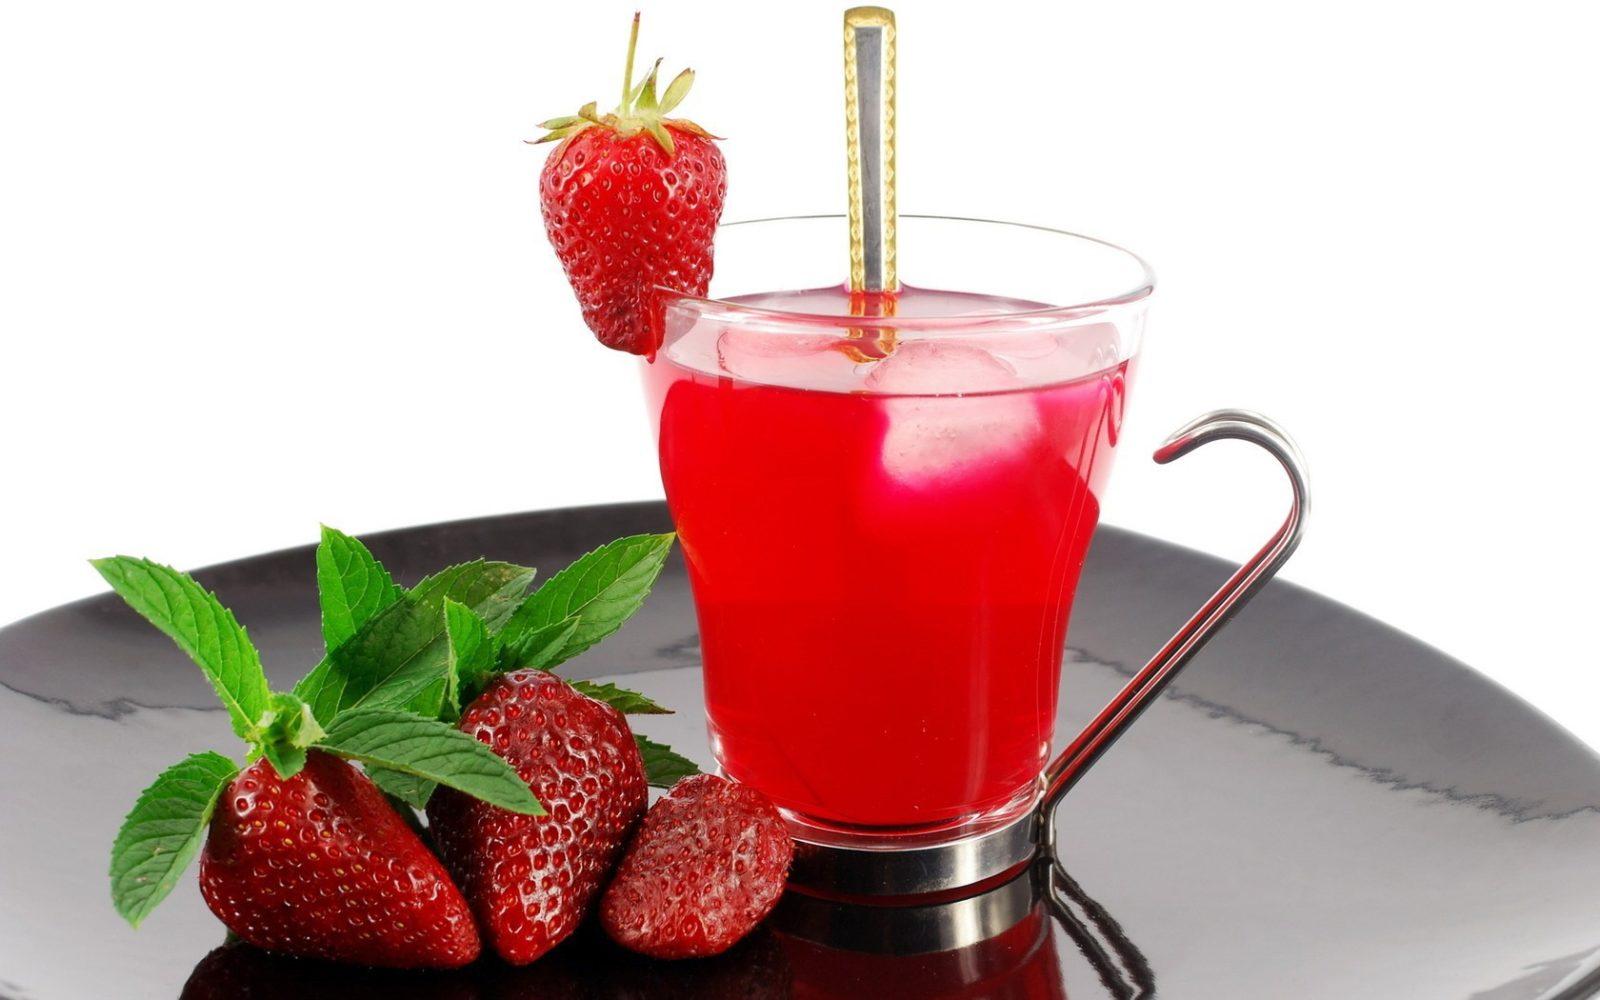 Легкие домашние детокс напитки для похудения-как они работают?